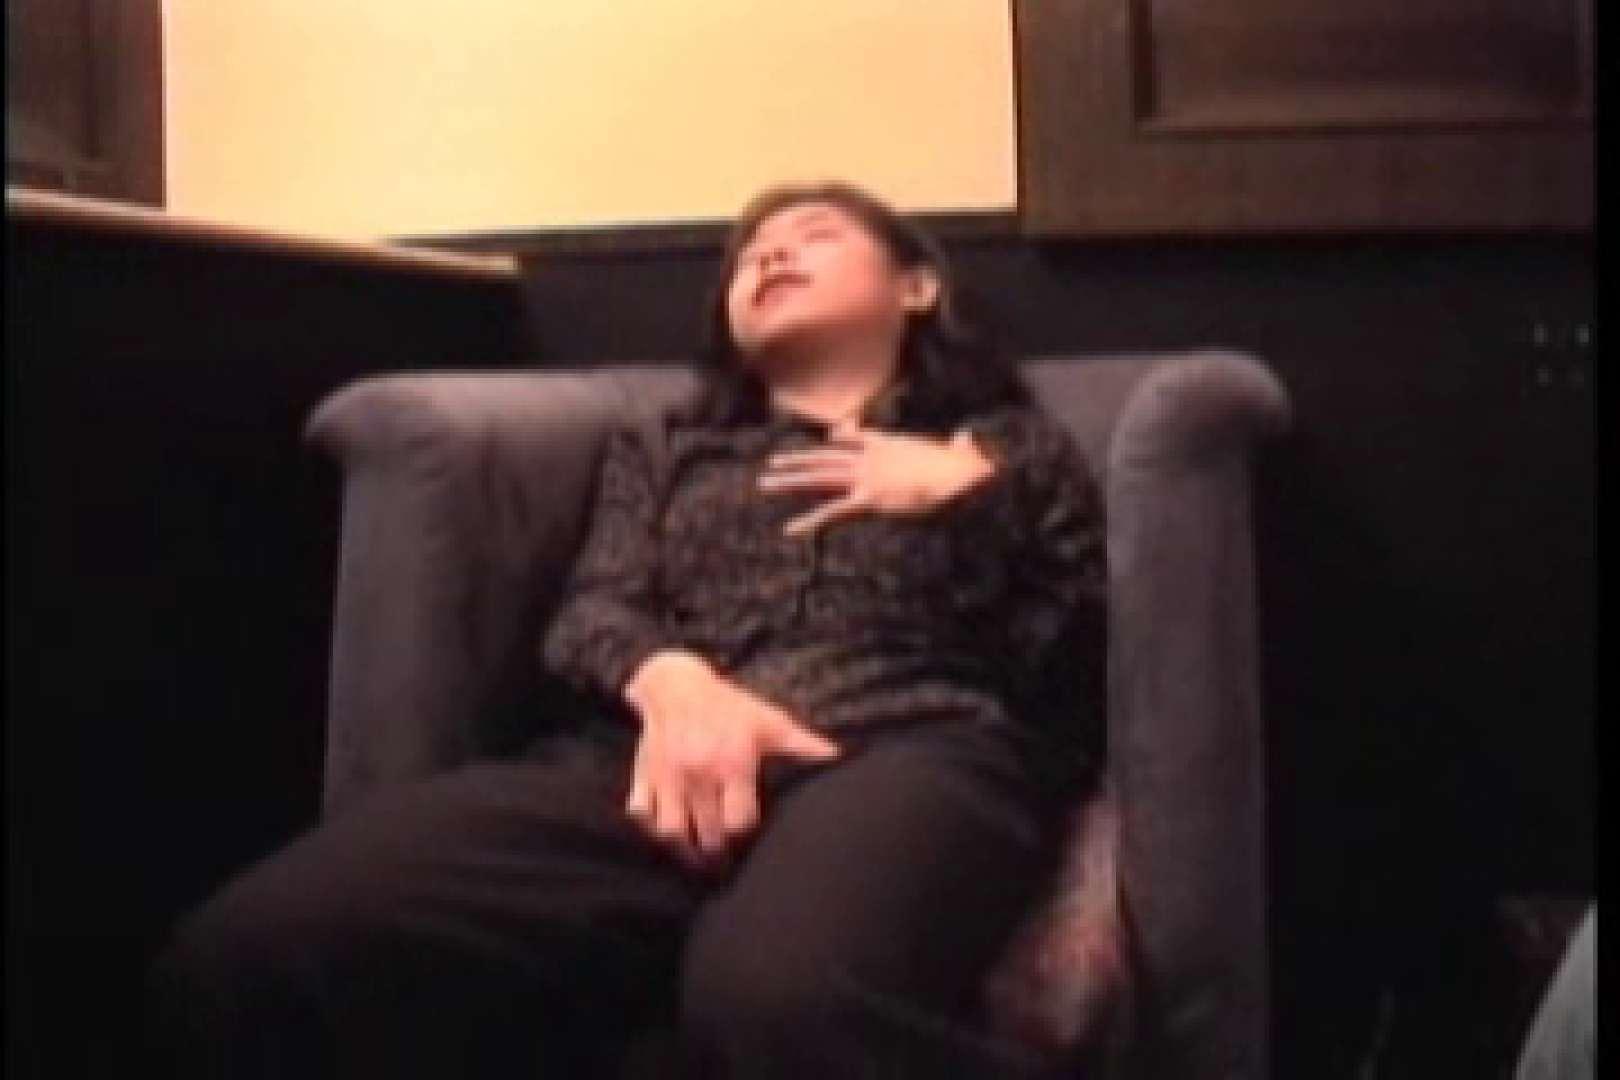 素人嬢126人のハメ撮り 君崎 人妻のエッチ スケベ動画紹介 110pic 19